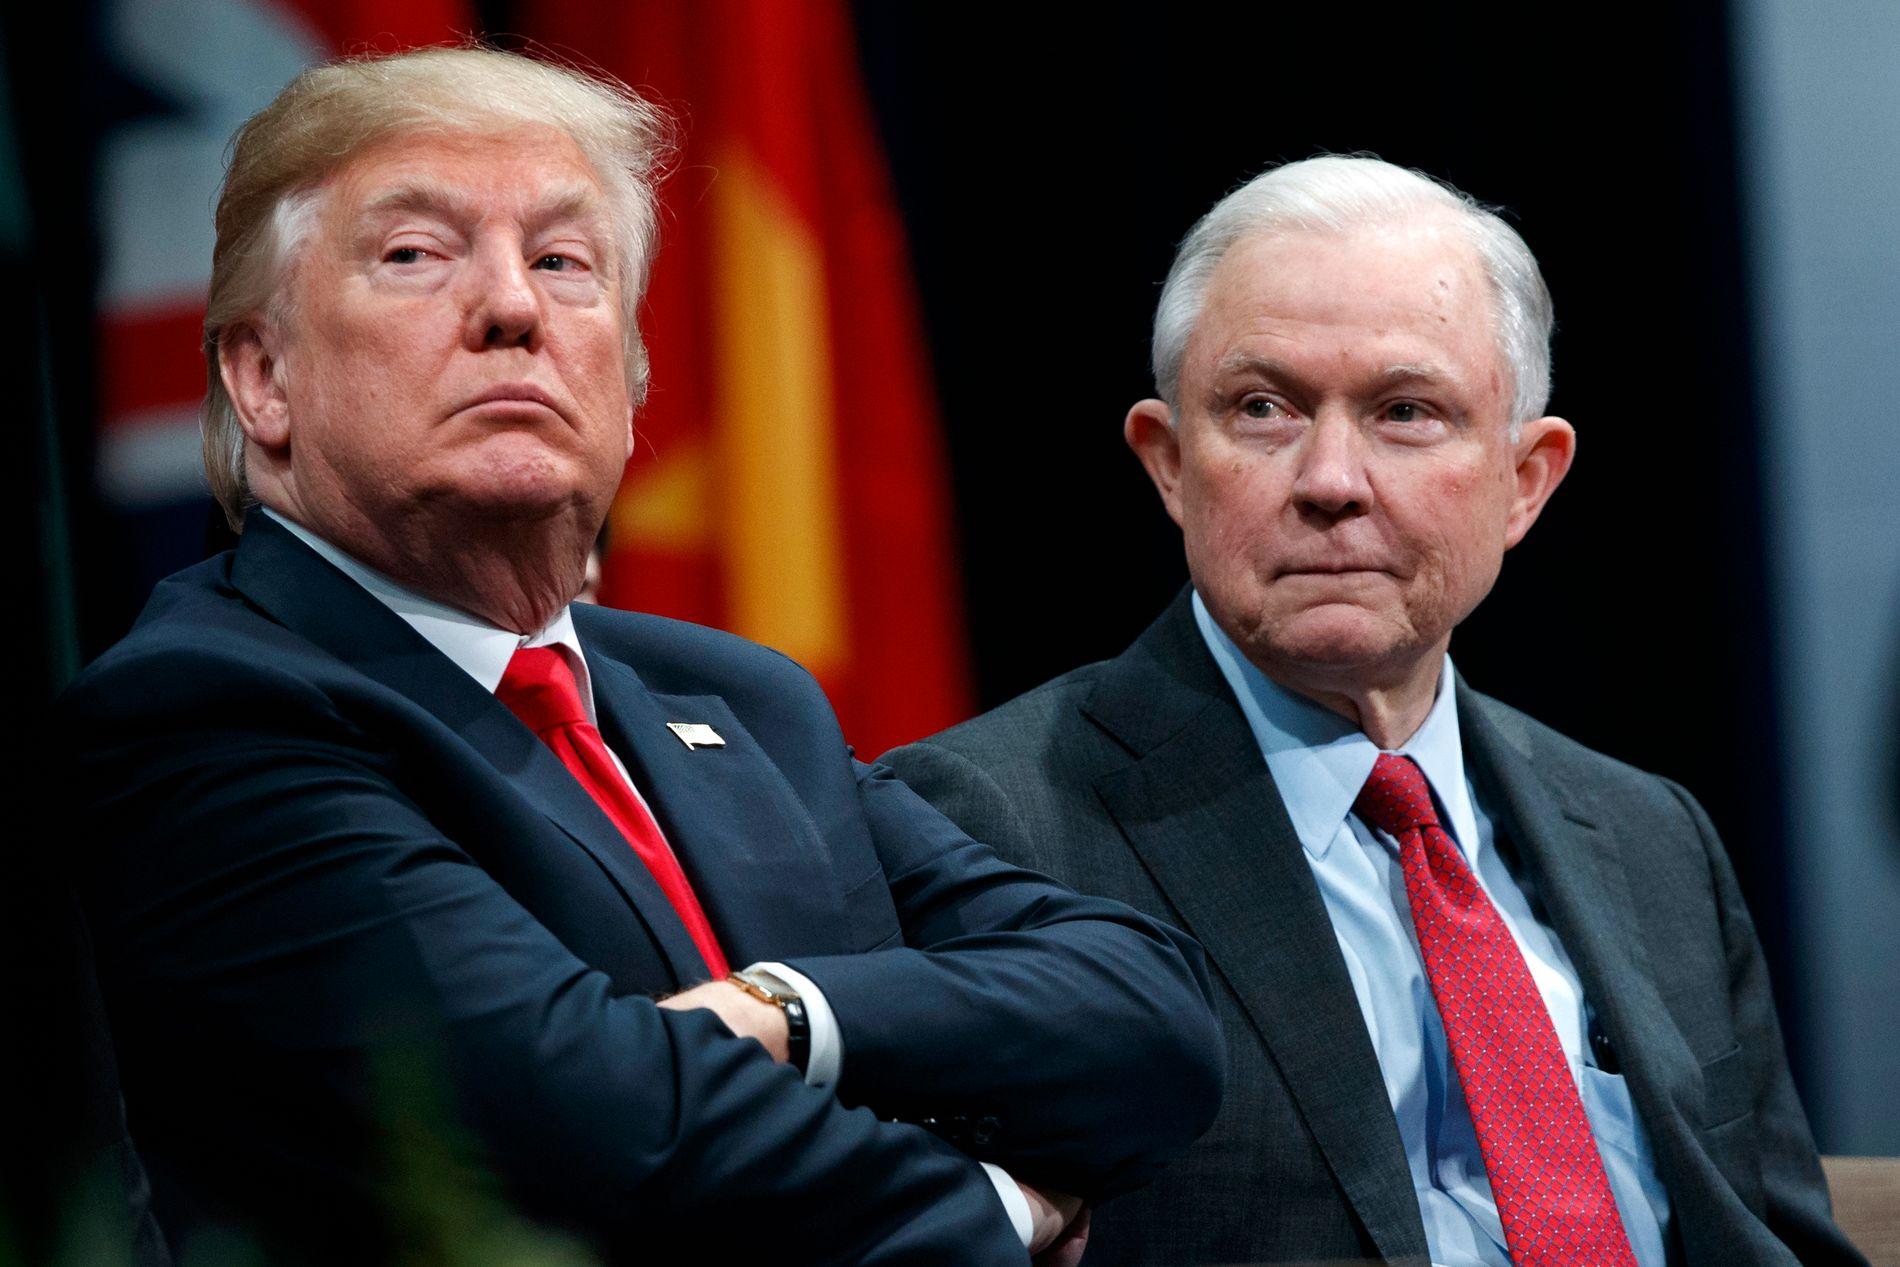 BLE BEDT OM Å GÅ: USAs president Donald Trump skal ha bedt Sessions om å gå fra stillingen som landets justisminister, melder amerikanske medier.